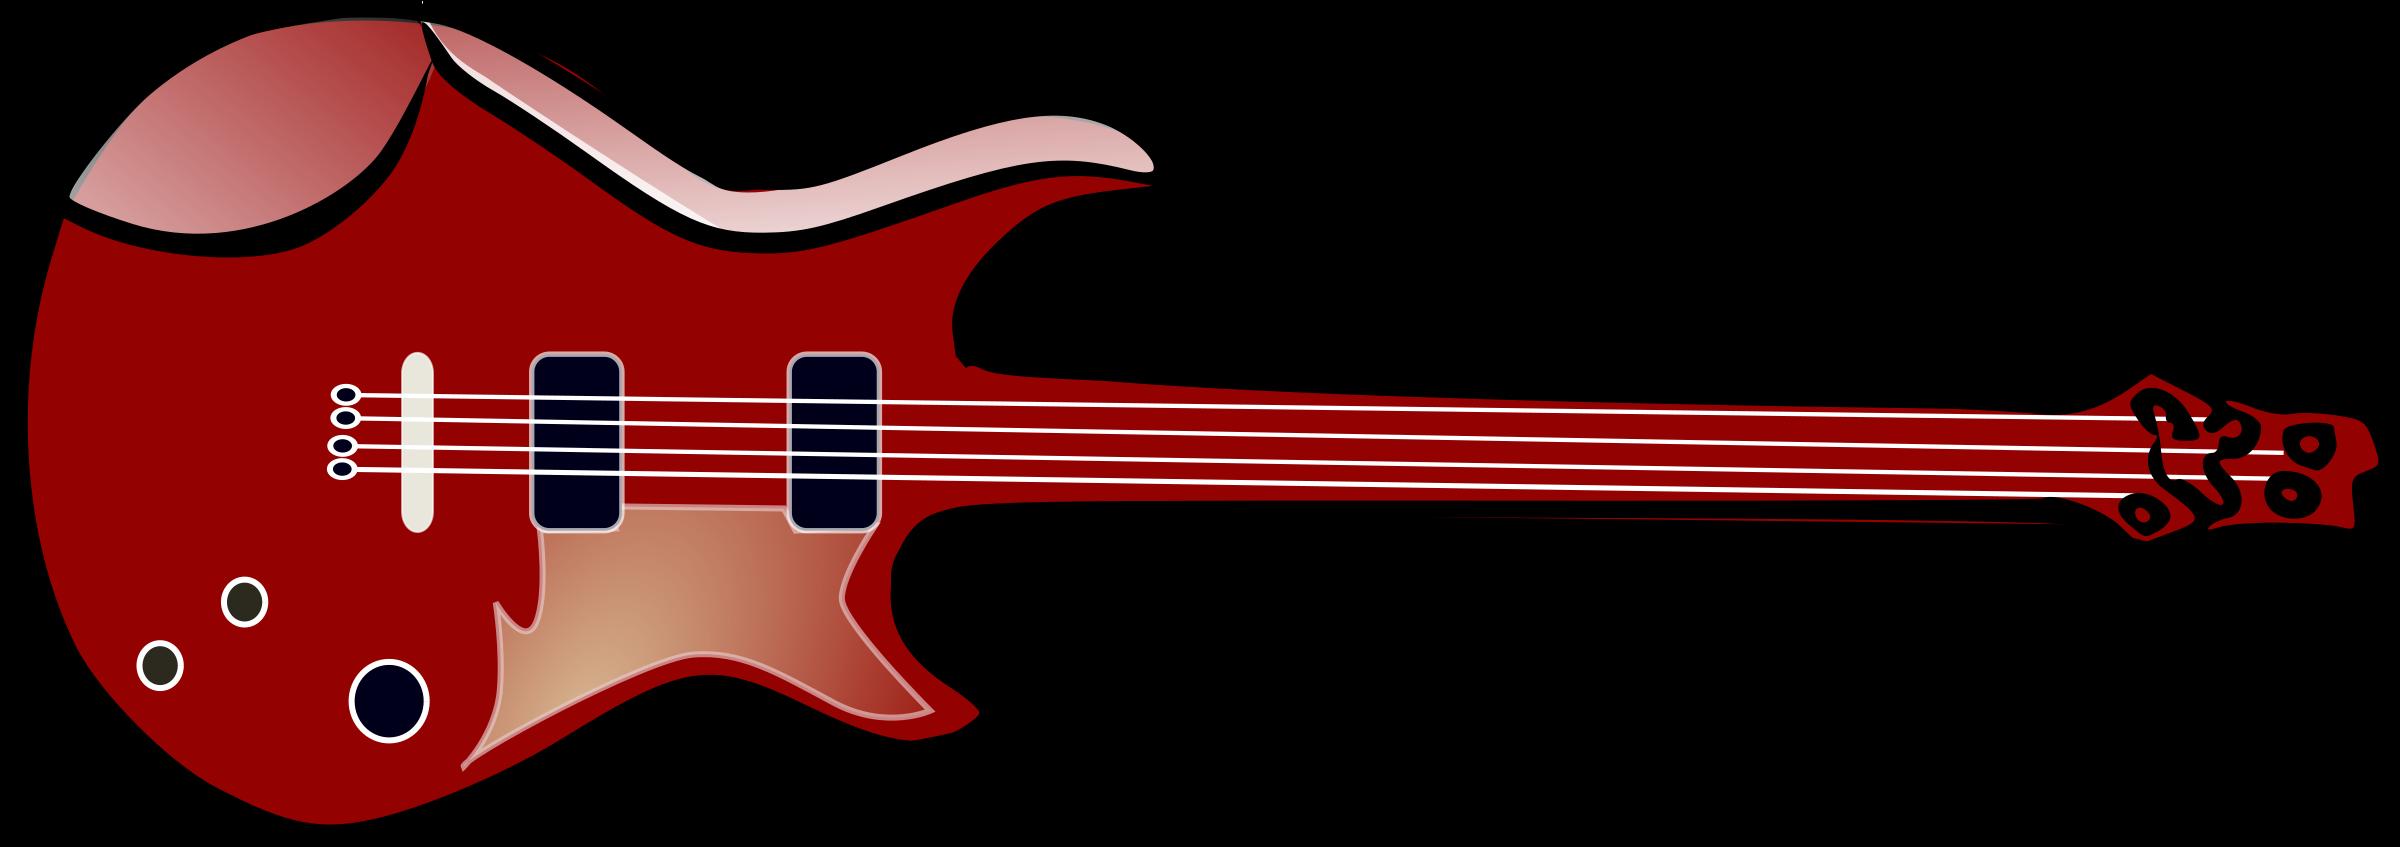 Hard Rock clipart big rock Clipart (PNG) guitar Bass BIG